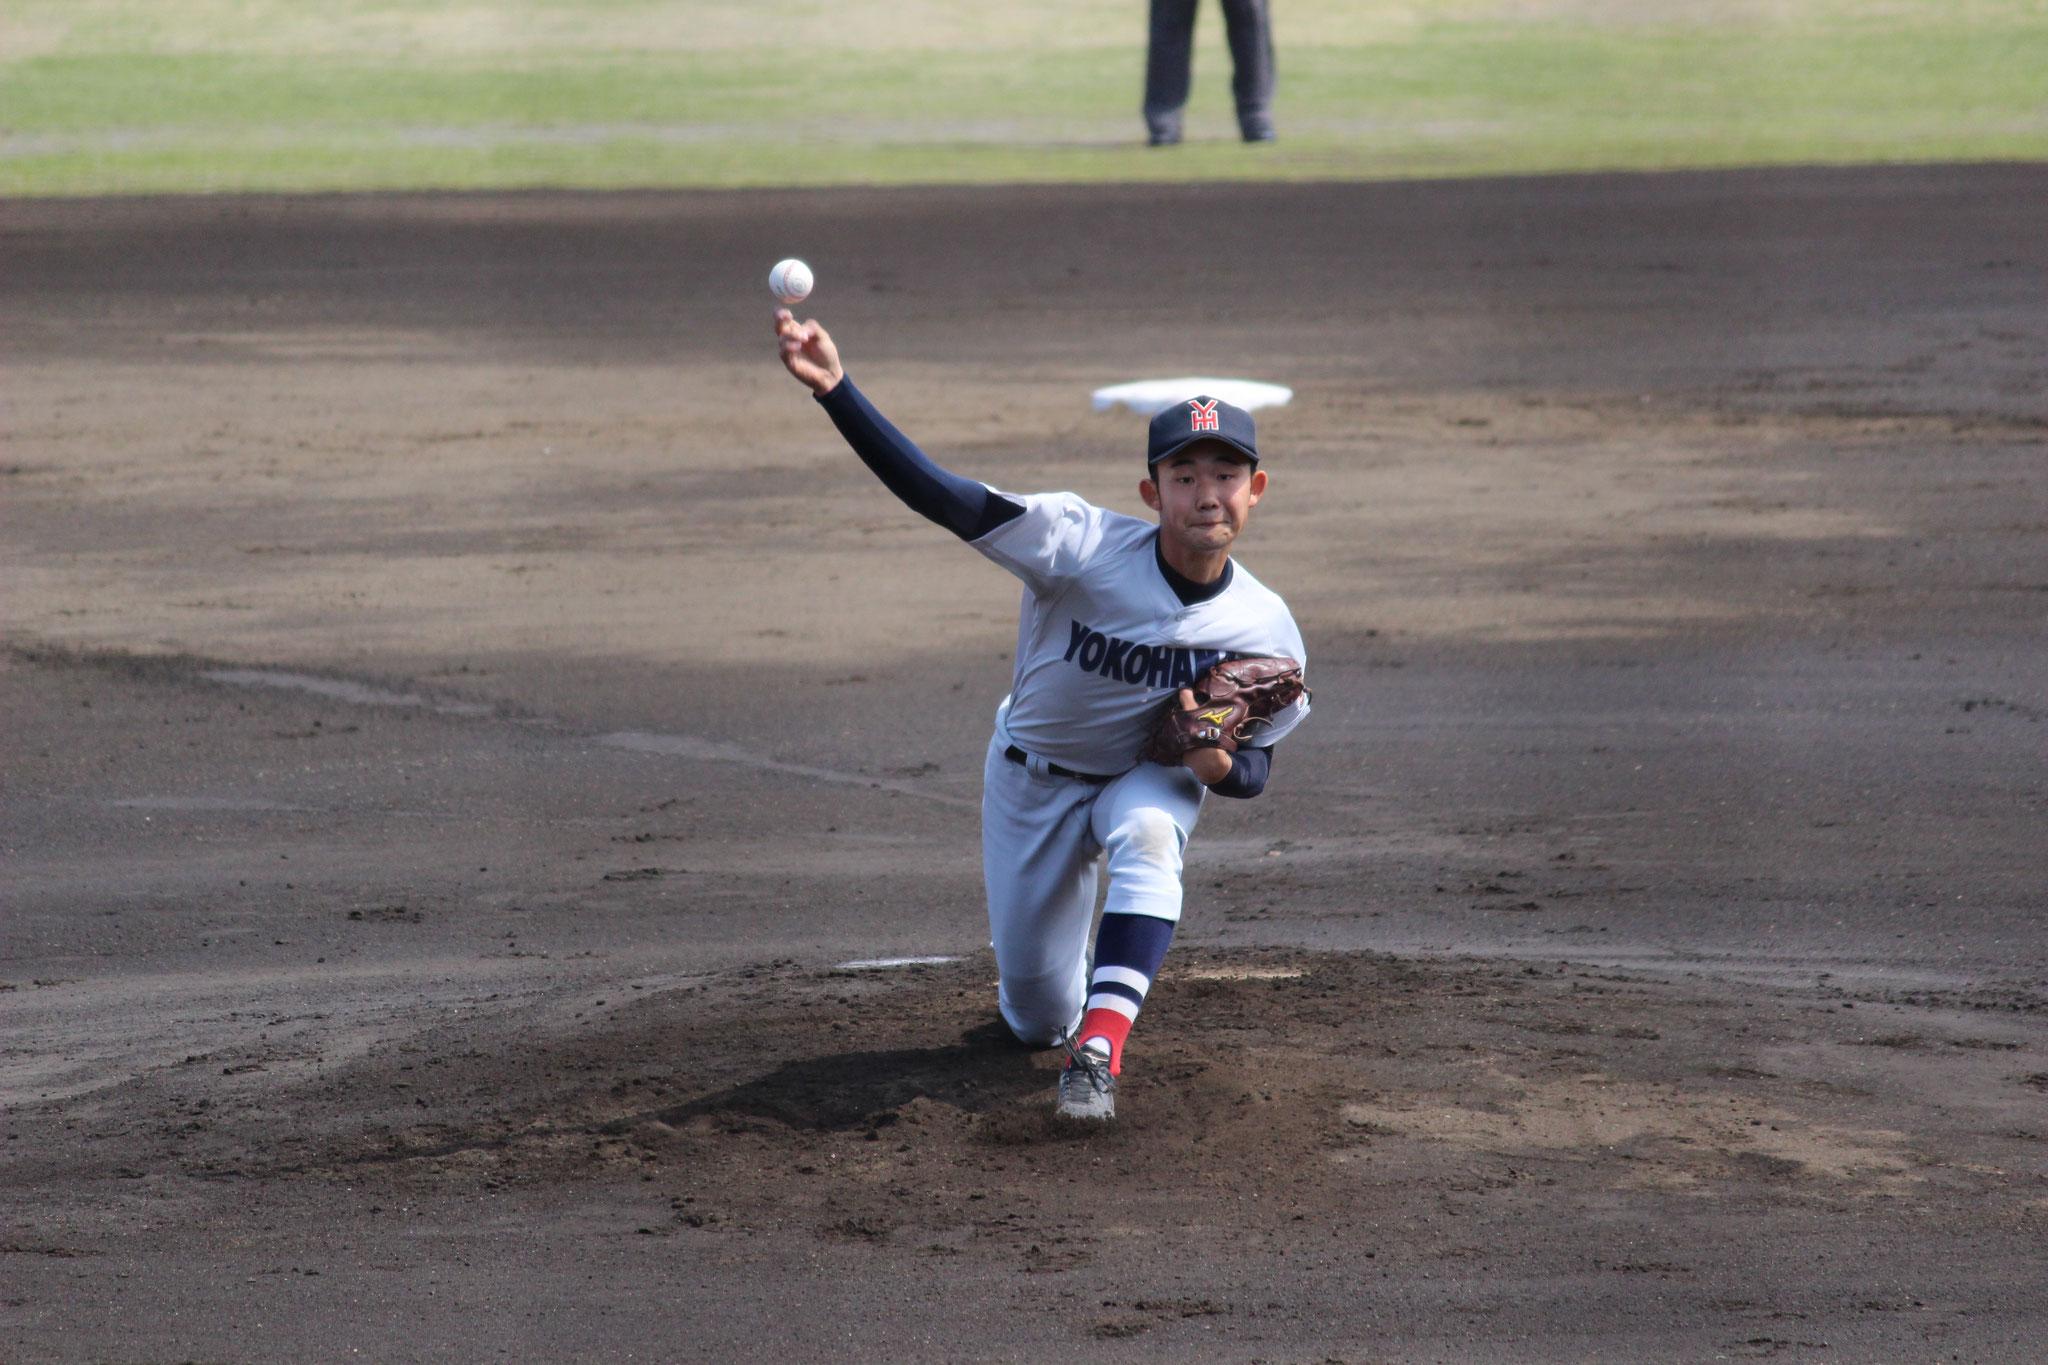 【横浜高校 塩原陸】春季大会 2回戦vs藤沢西